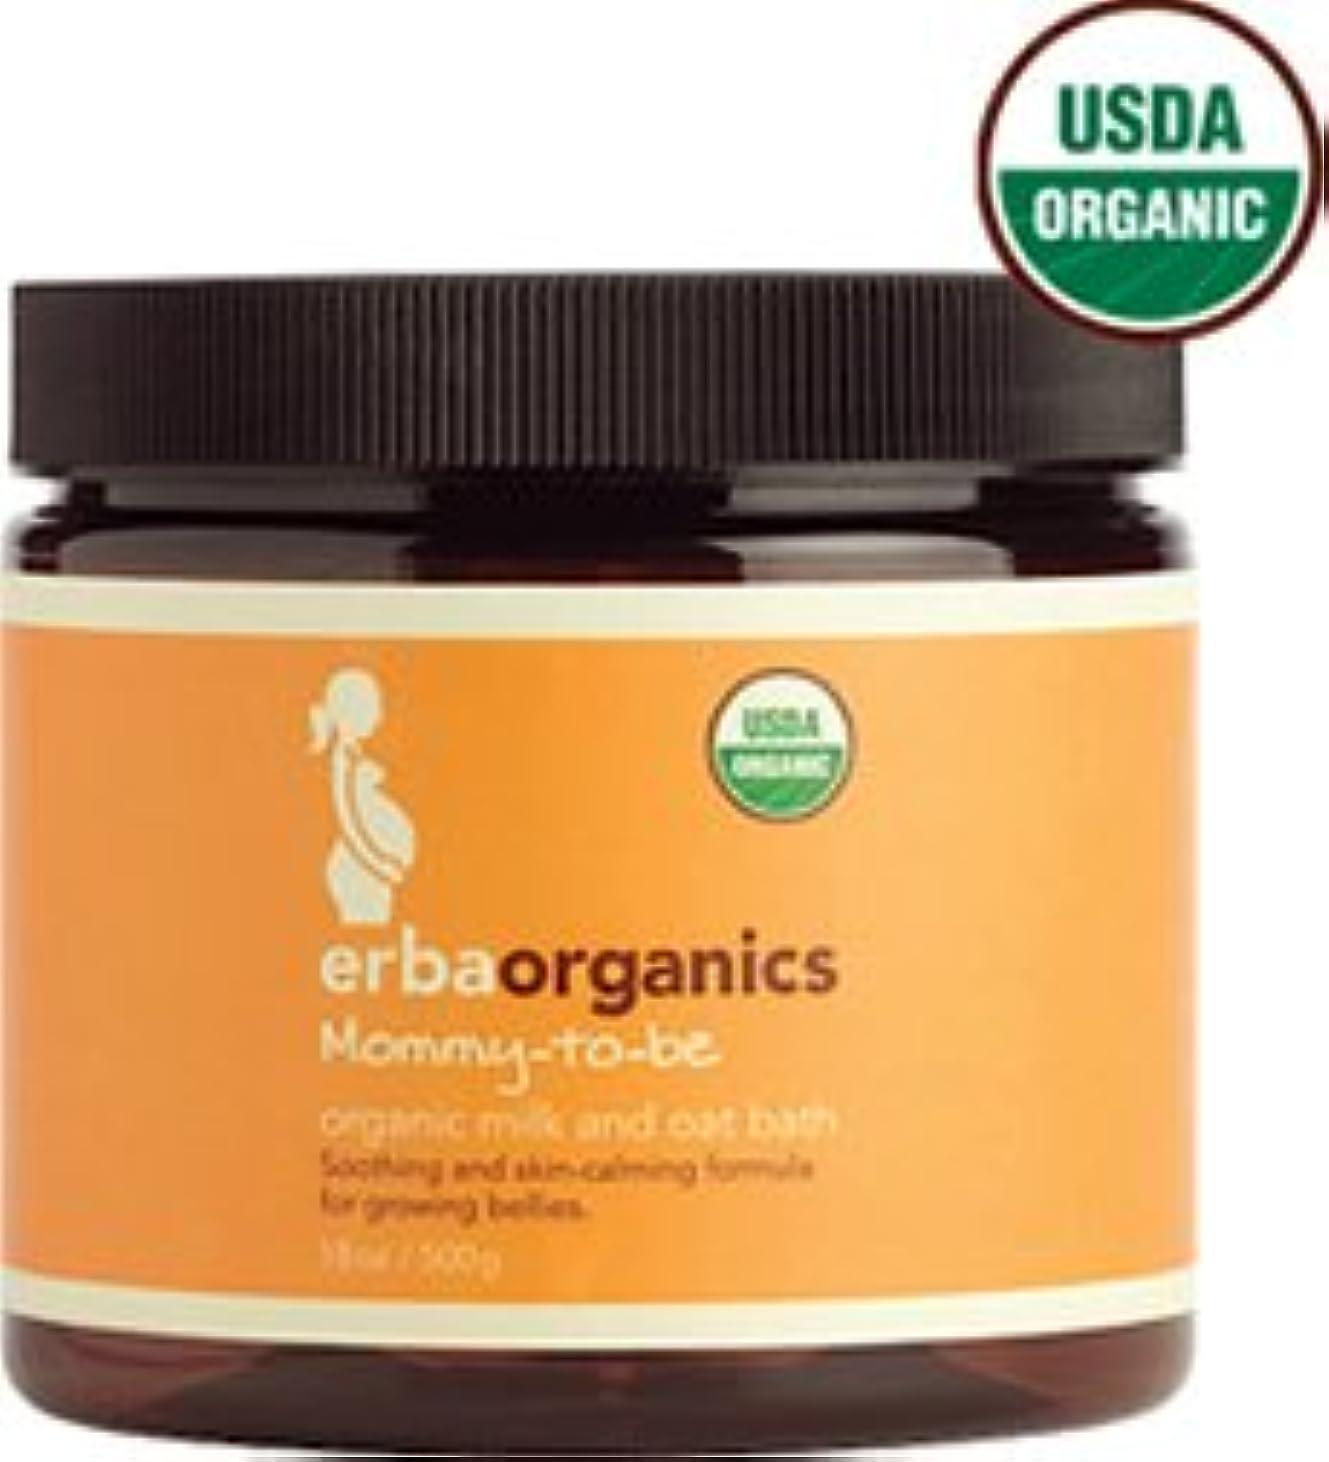 選挙大西洋クレアerba organics〈エルバオーガニックス〉M&Oバスソルト 500g 《マミーライン オーガニック入浴料》